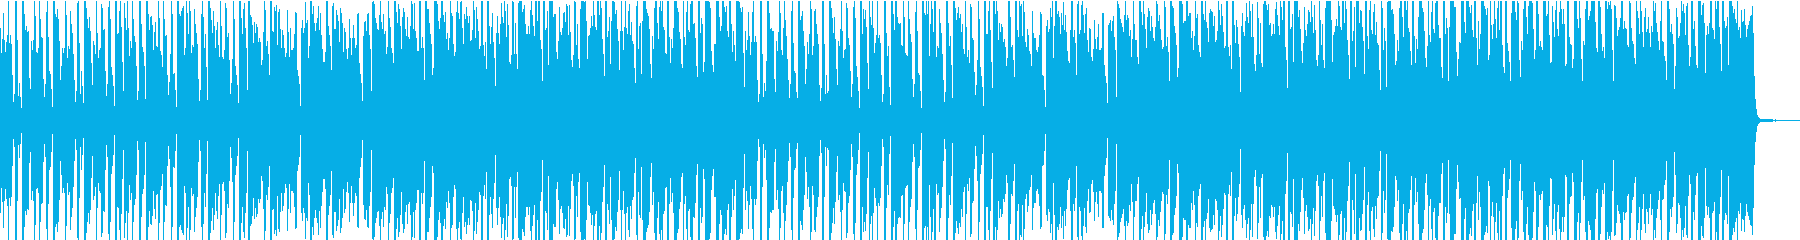 コミカルでゆるい雰囲気の軽快ビッグバンドの再生済みの波形